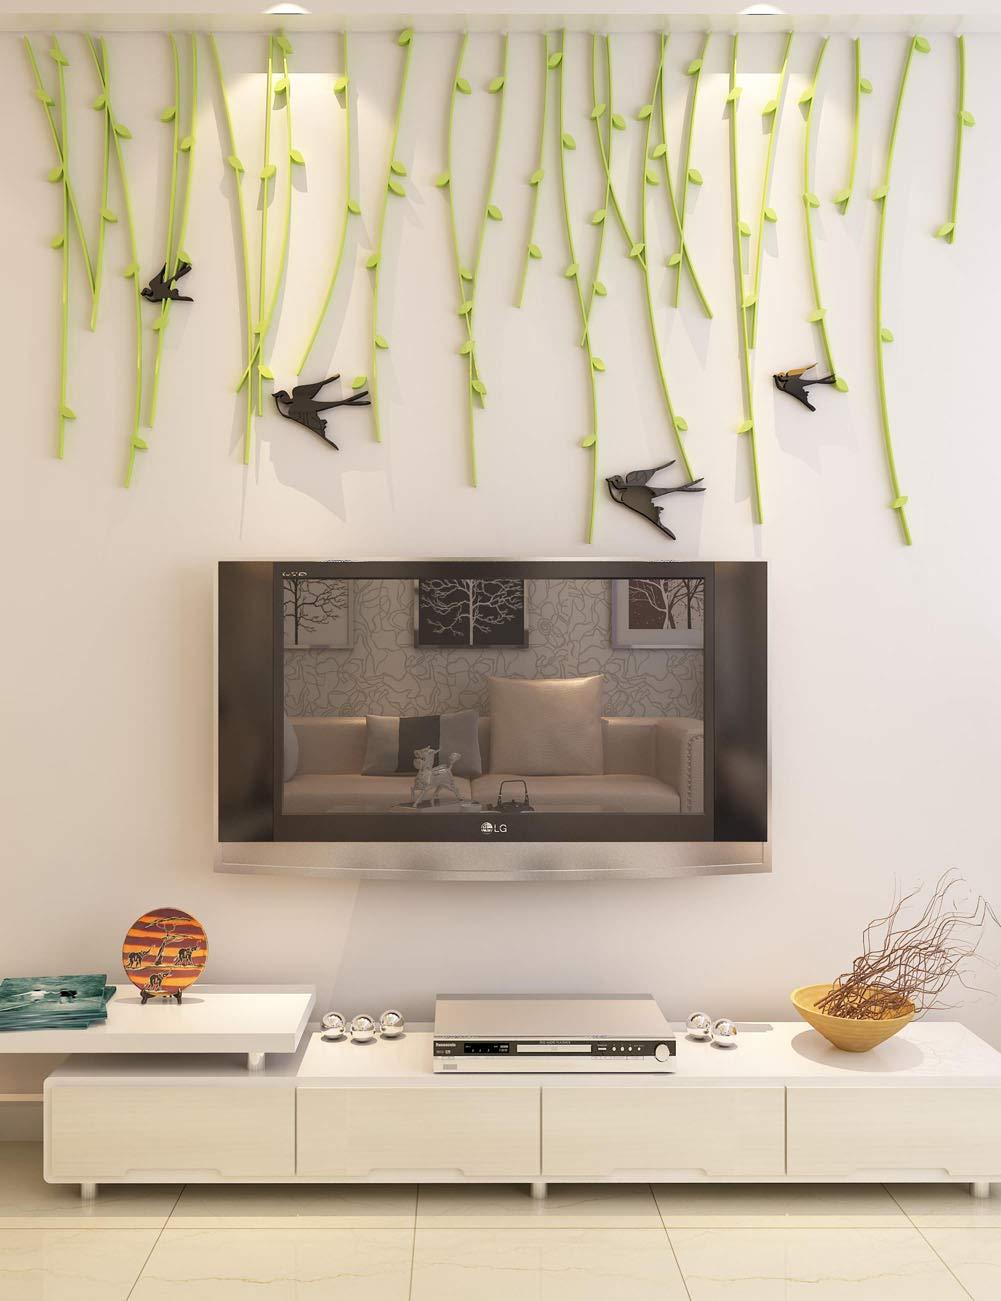 Decorativo elegante  Pared ramas colgantes pajaros